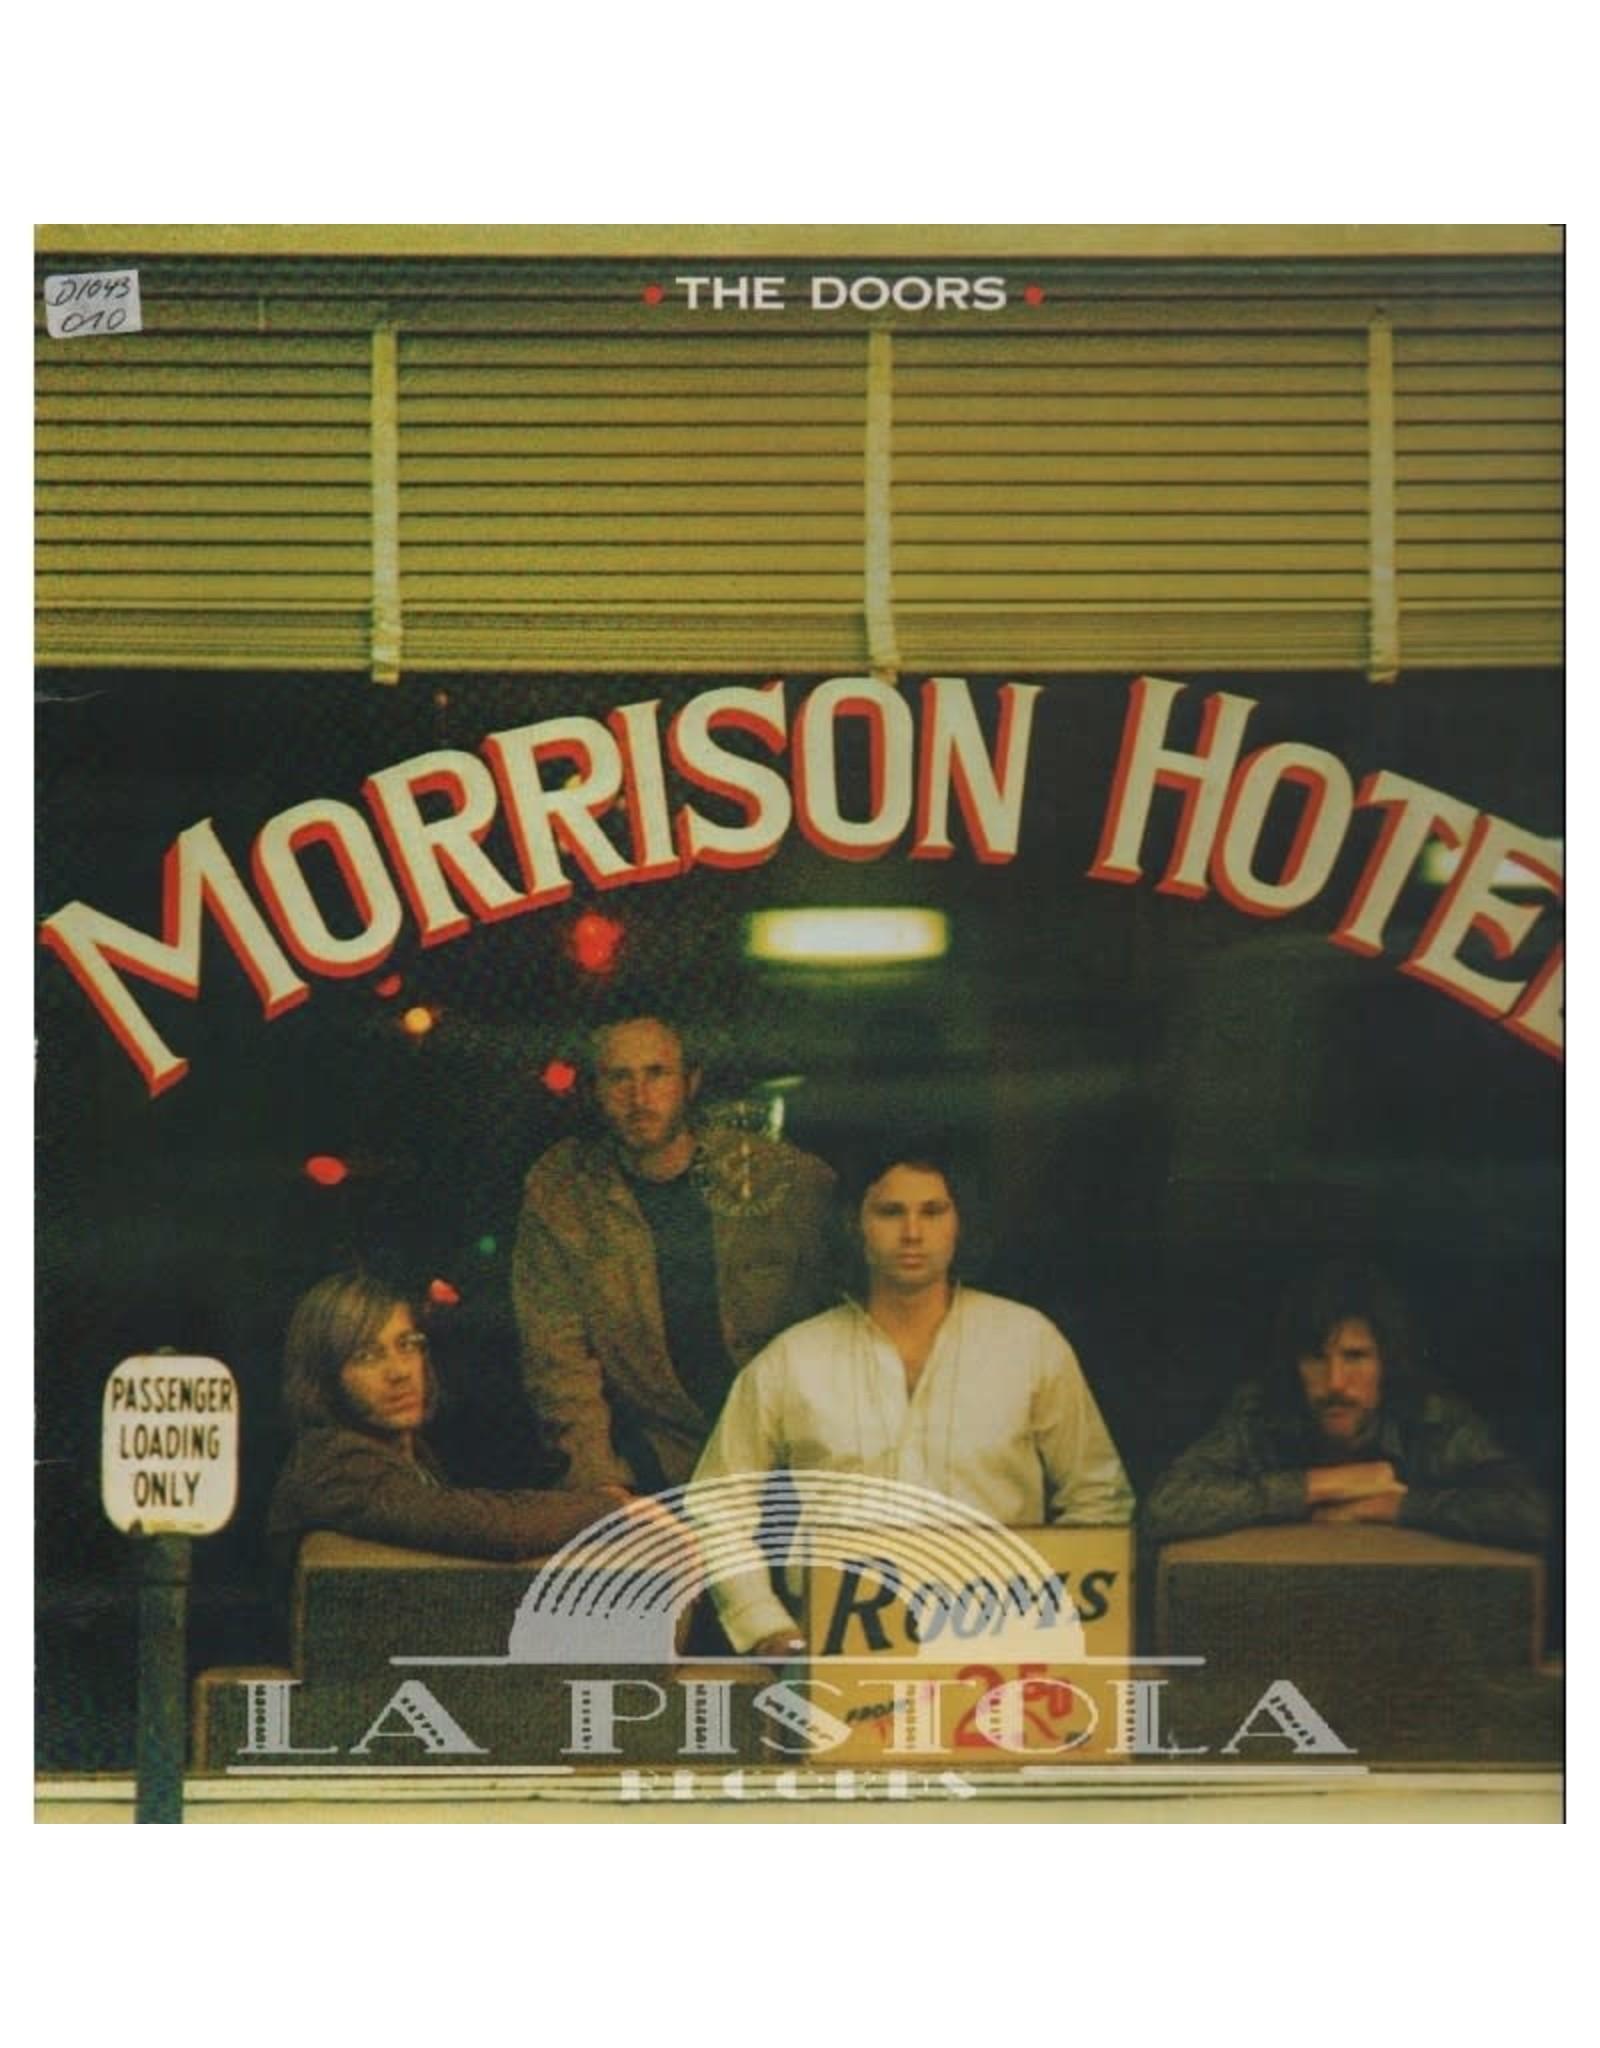 Doors - Morrison Hotel LP